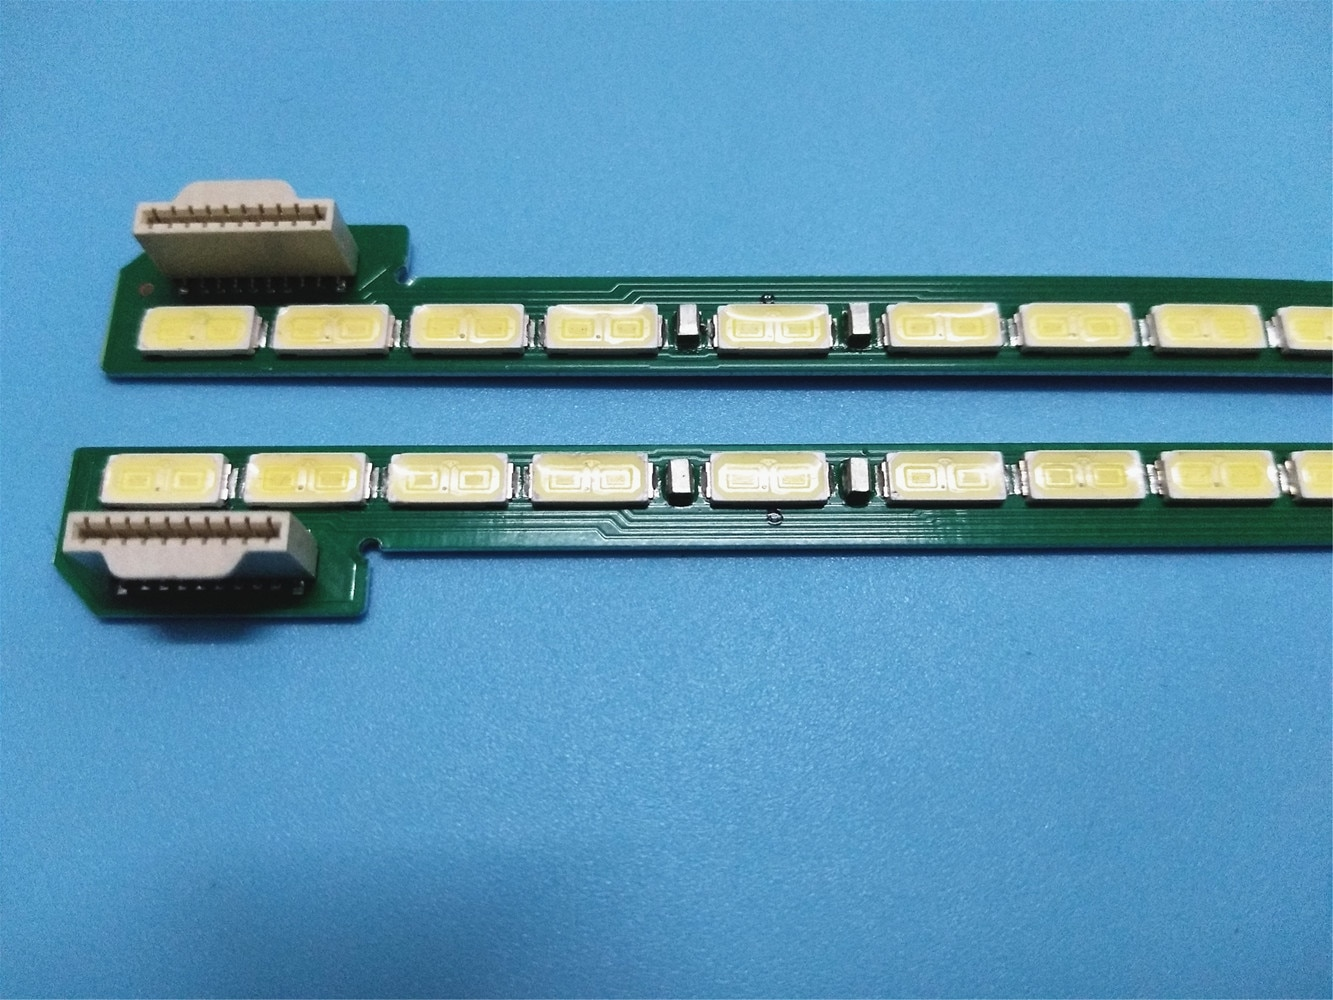 10 مجموعة = 20 قطعة LED شريط إضاءة خلفي ل LG 49UB8800 49UB8200 49UF695V 6922L-0128A 6916l1722B 6916l1723B 49UB8300 49UB850V 49UB830V